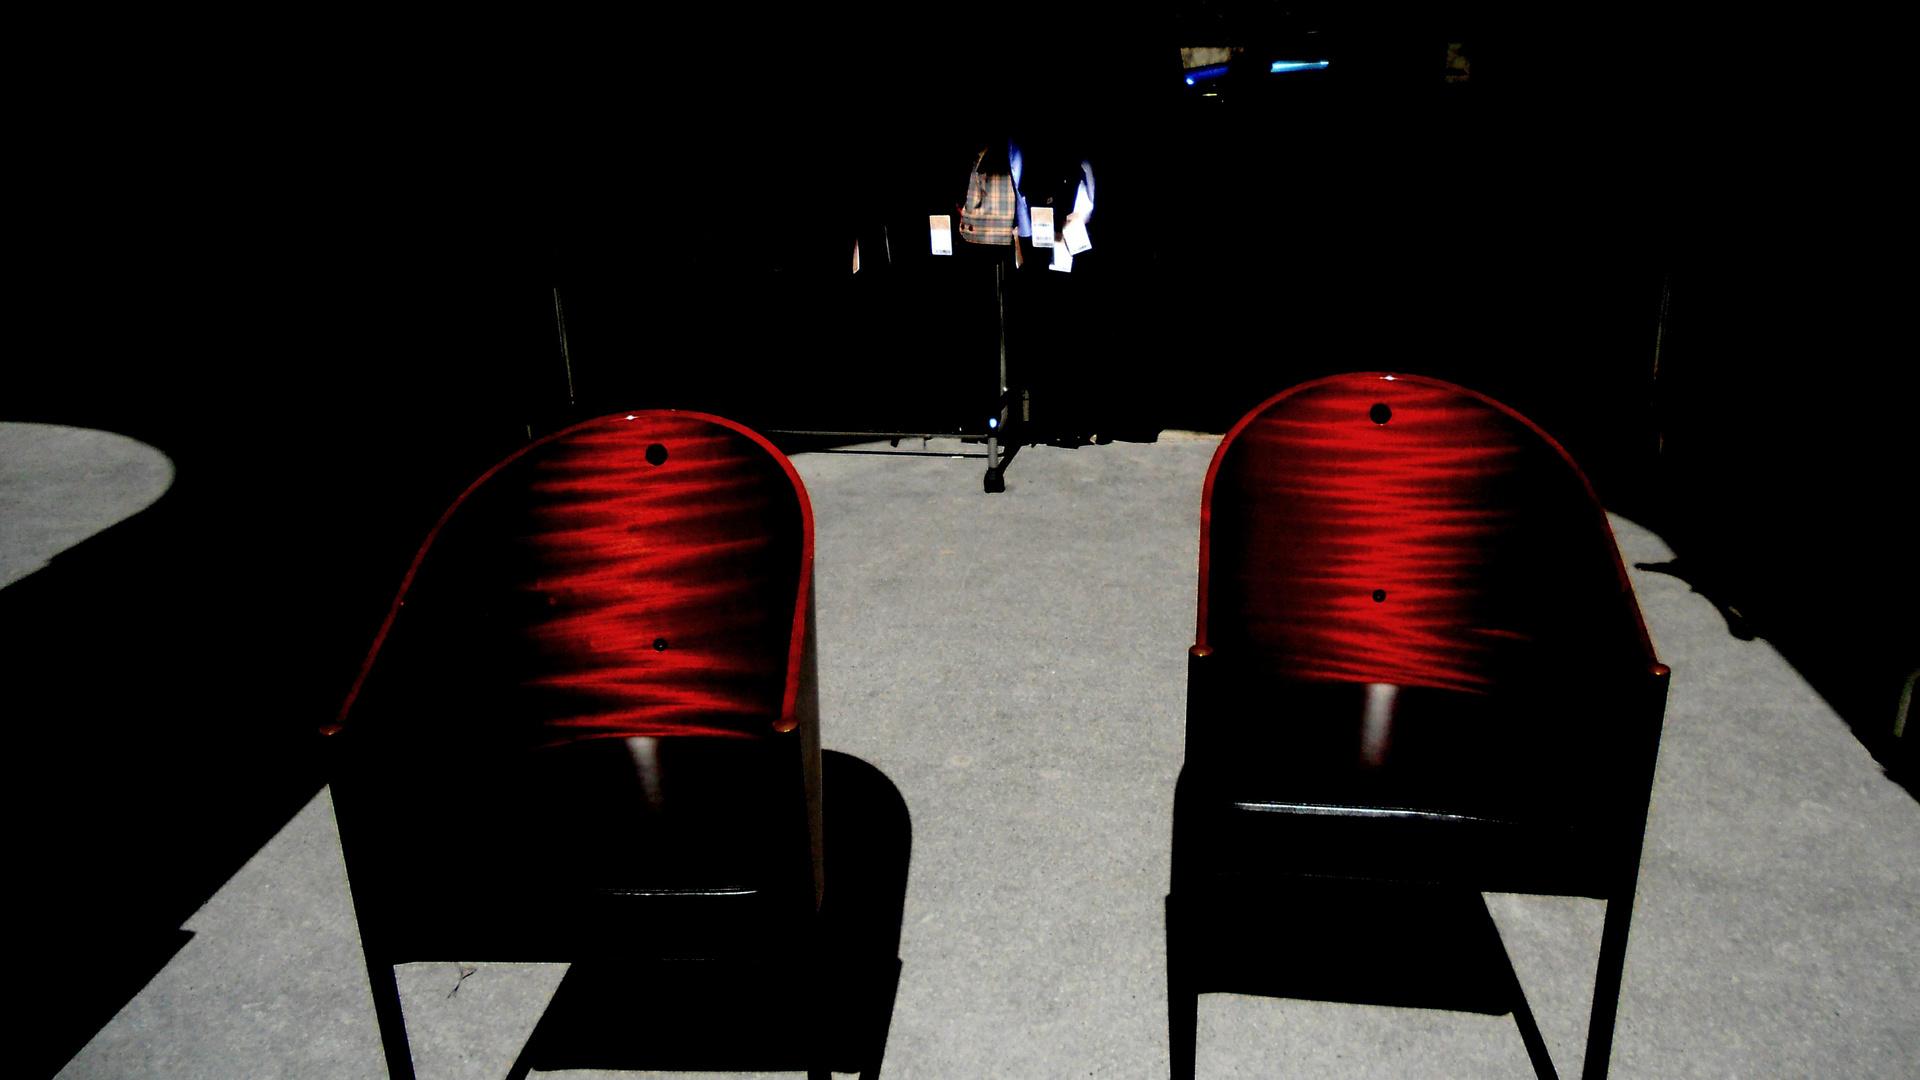 Stühle im Schatten